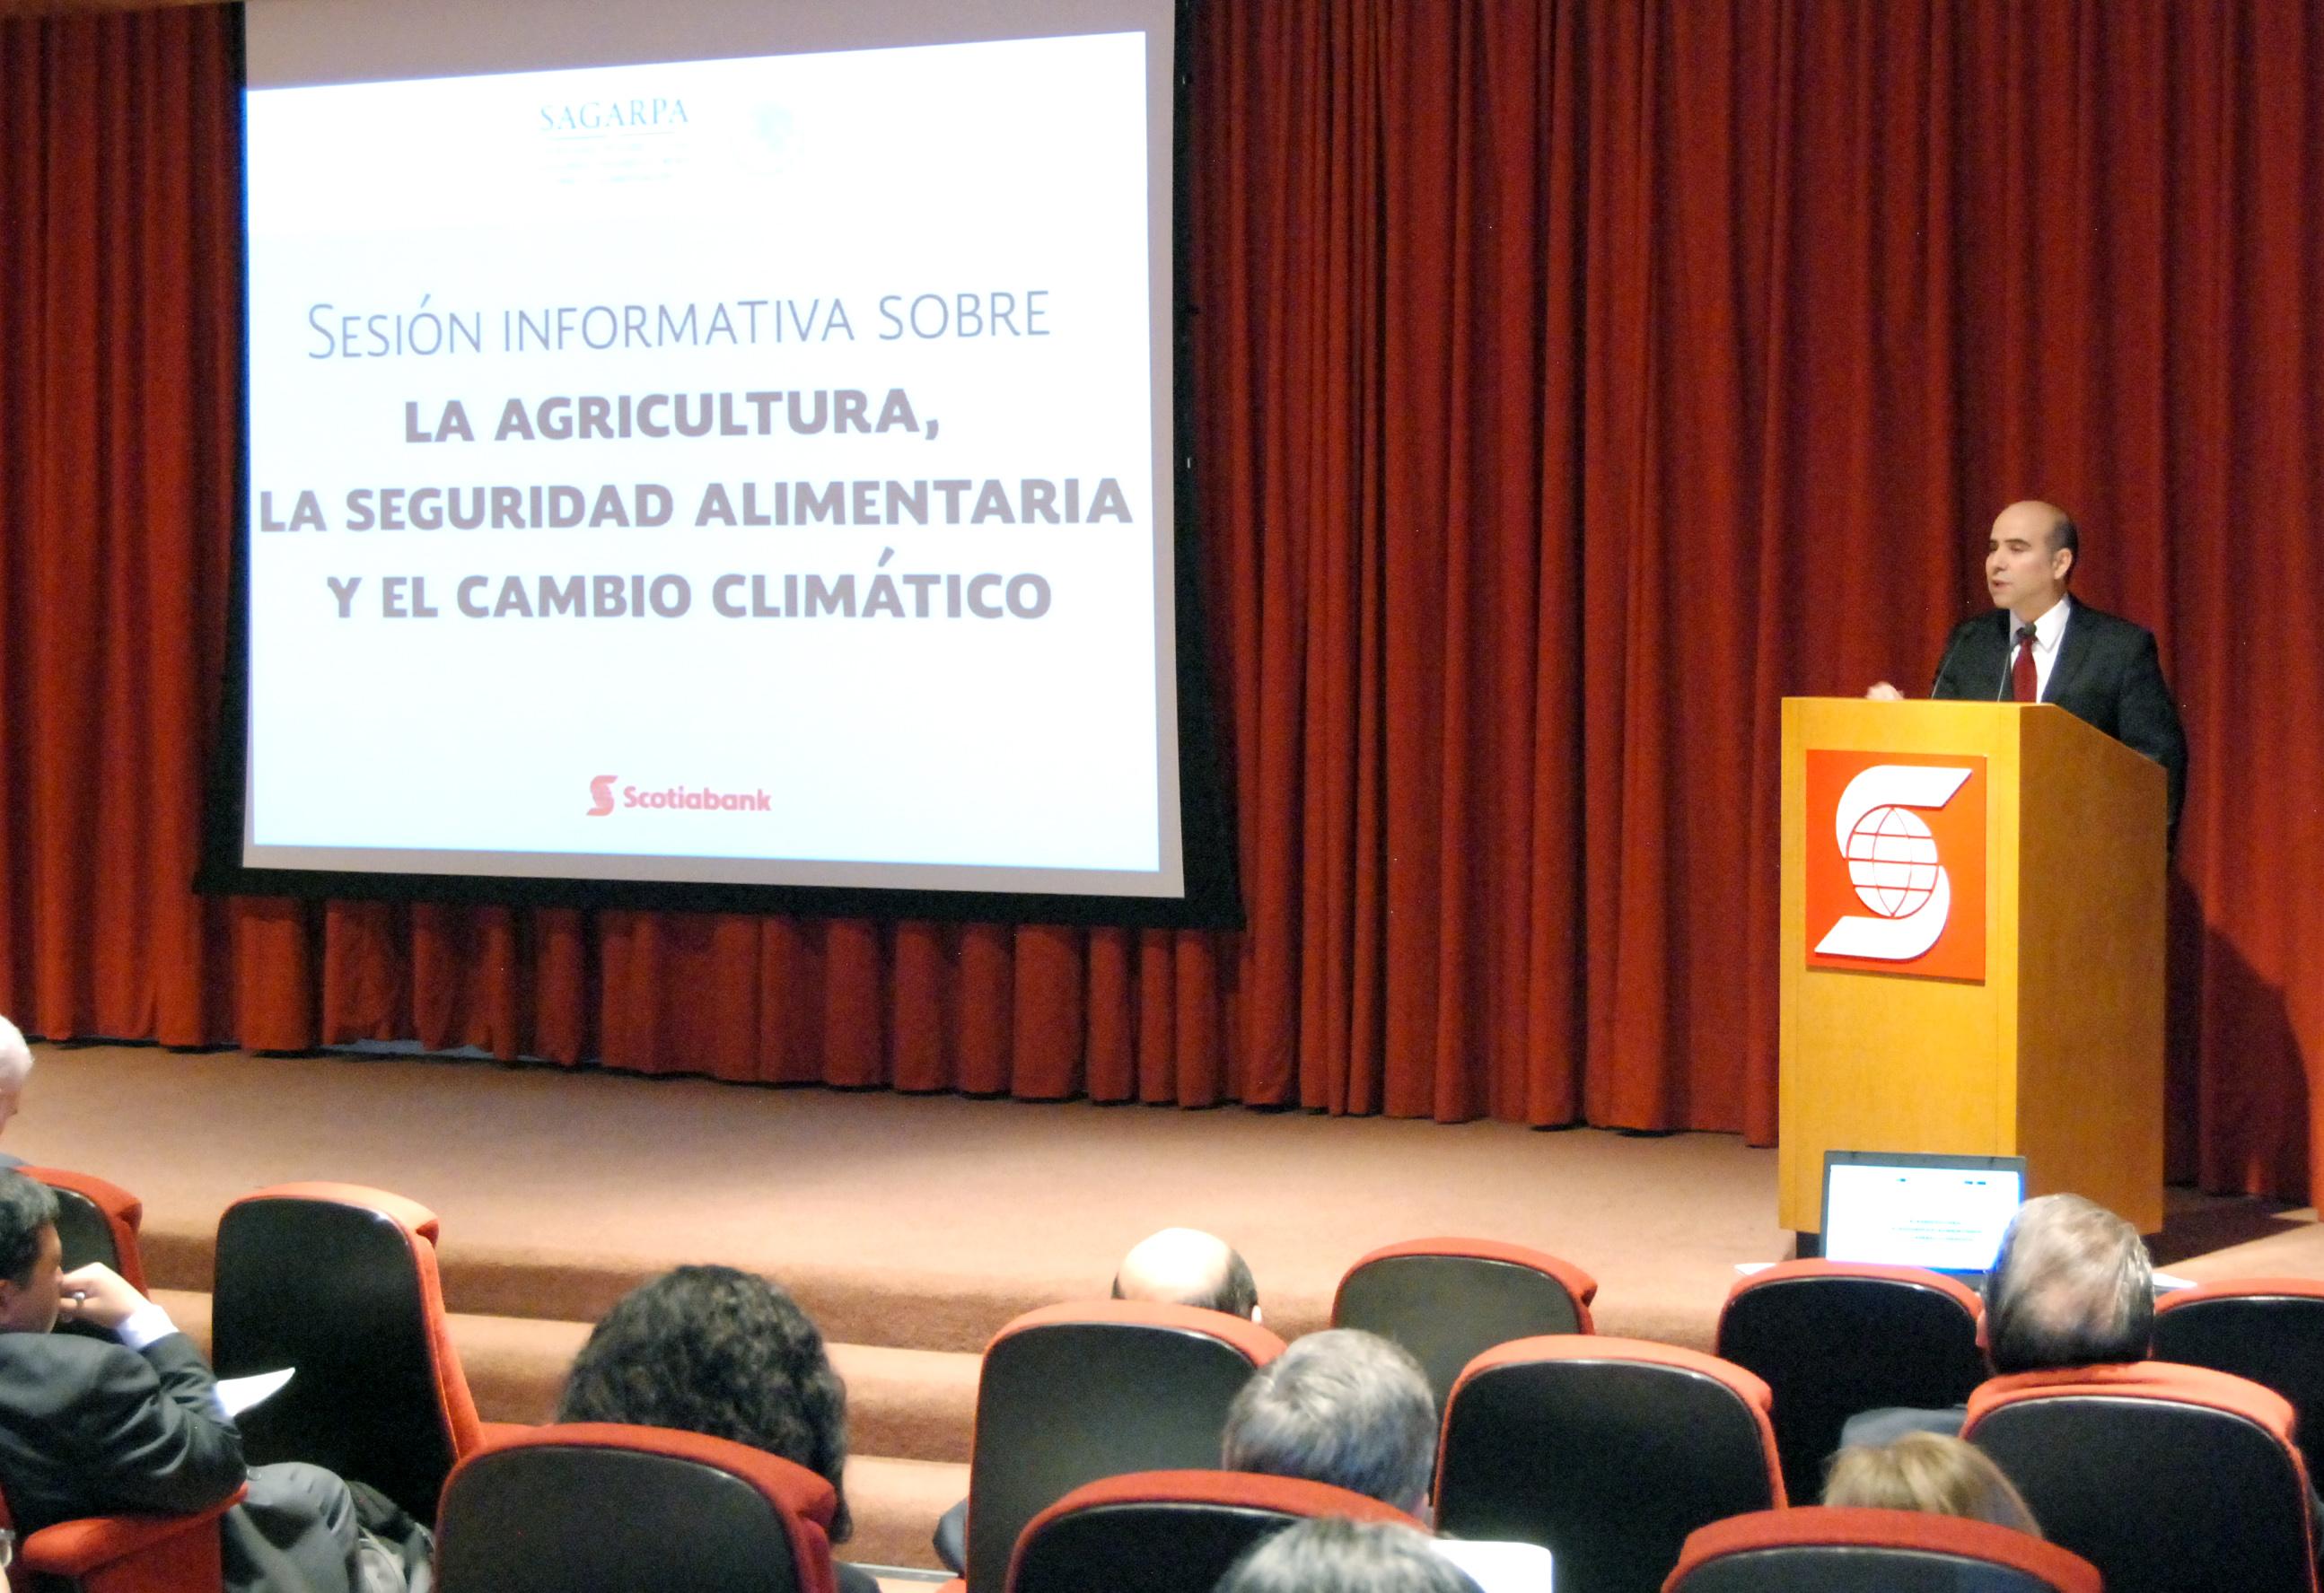 Intercambian especialistas estudios sobre agricultura, seguridad alimentaria y cambio climático.